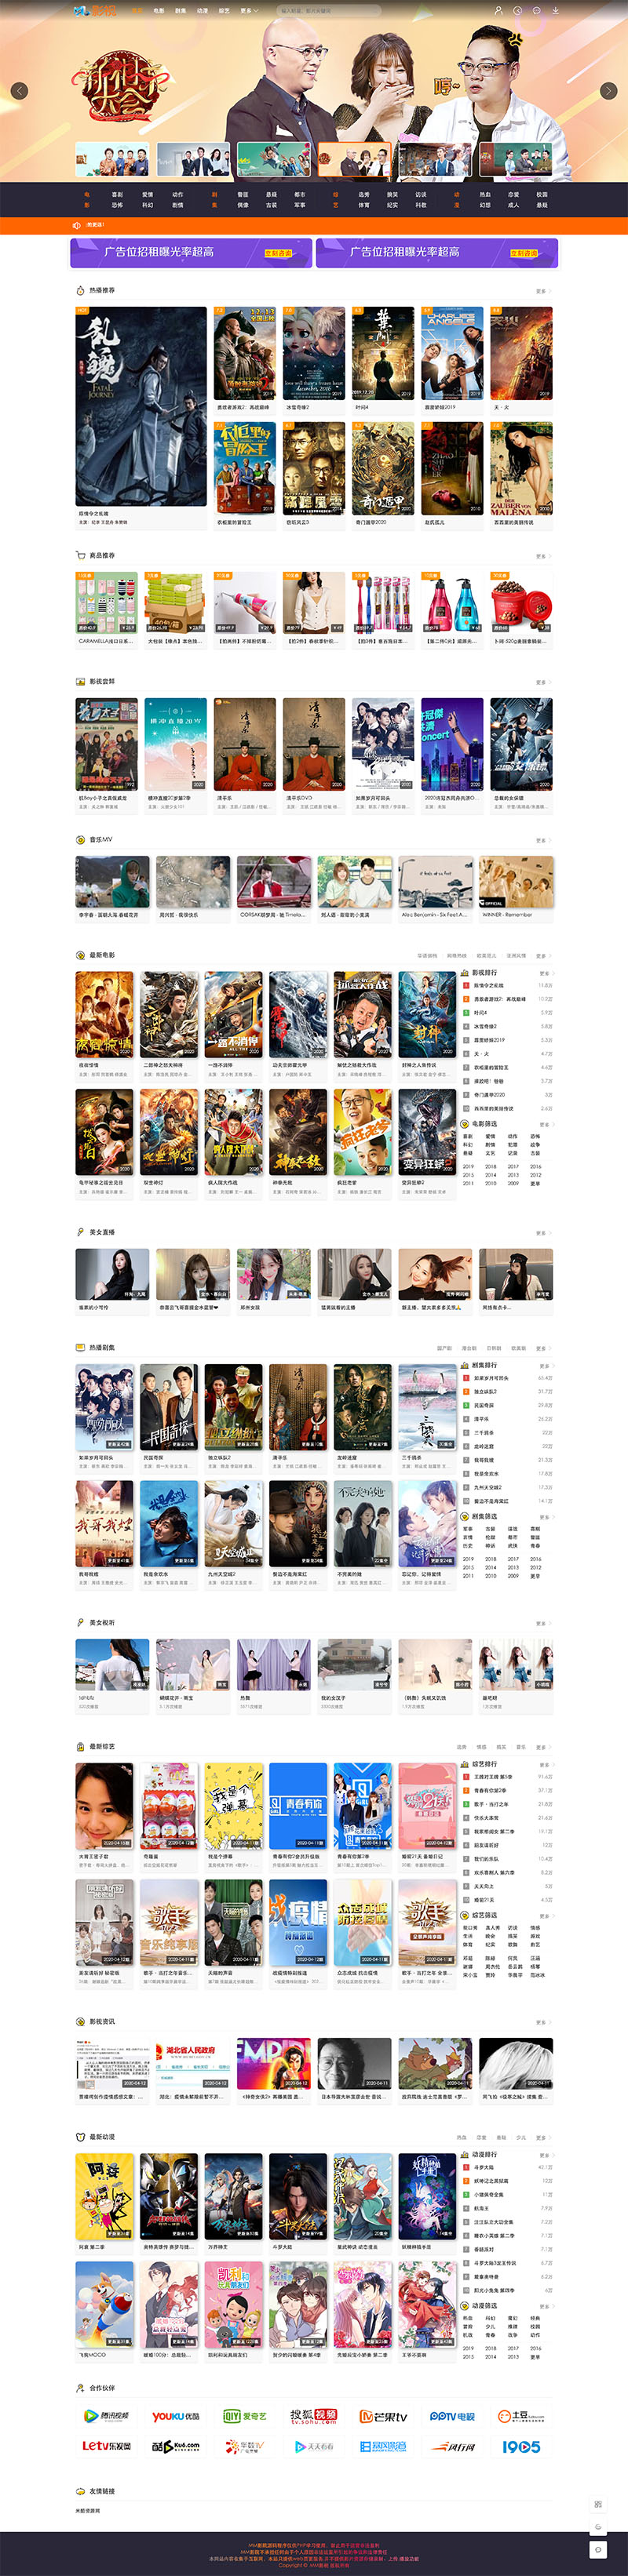 米酷MKCMS影视在线采集完美无错可运营PRO7.2版影视系统-爱资源分享